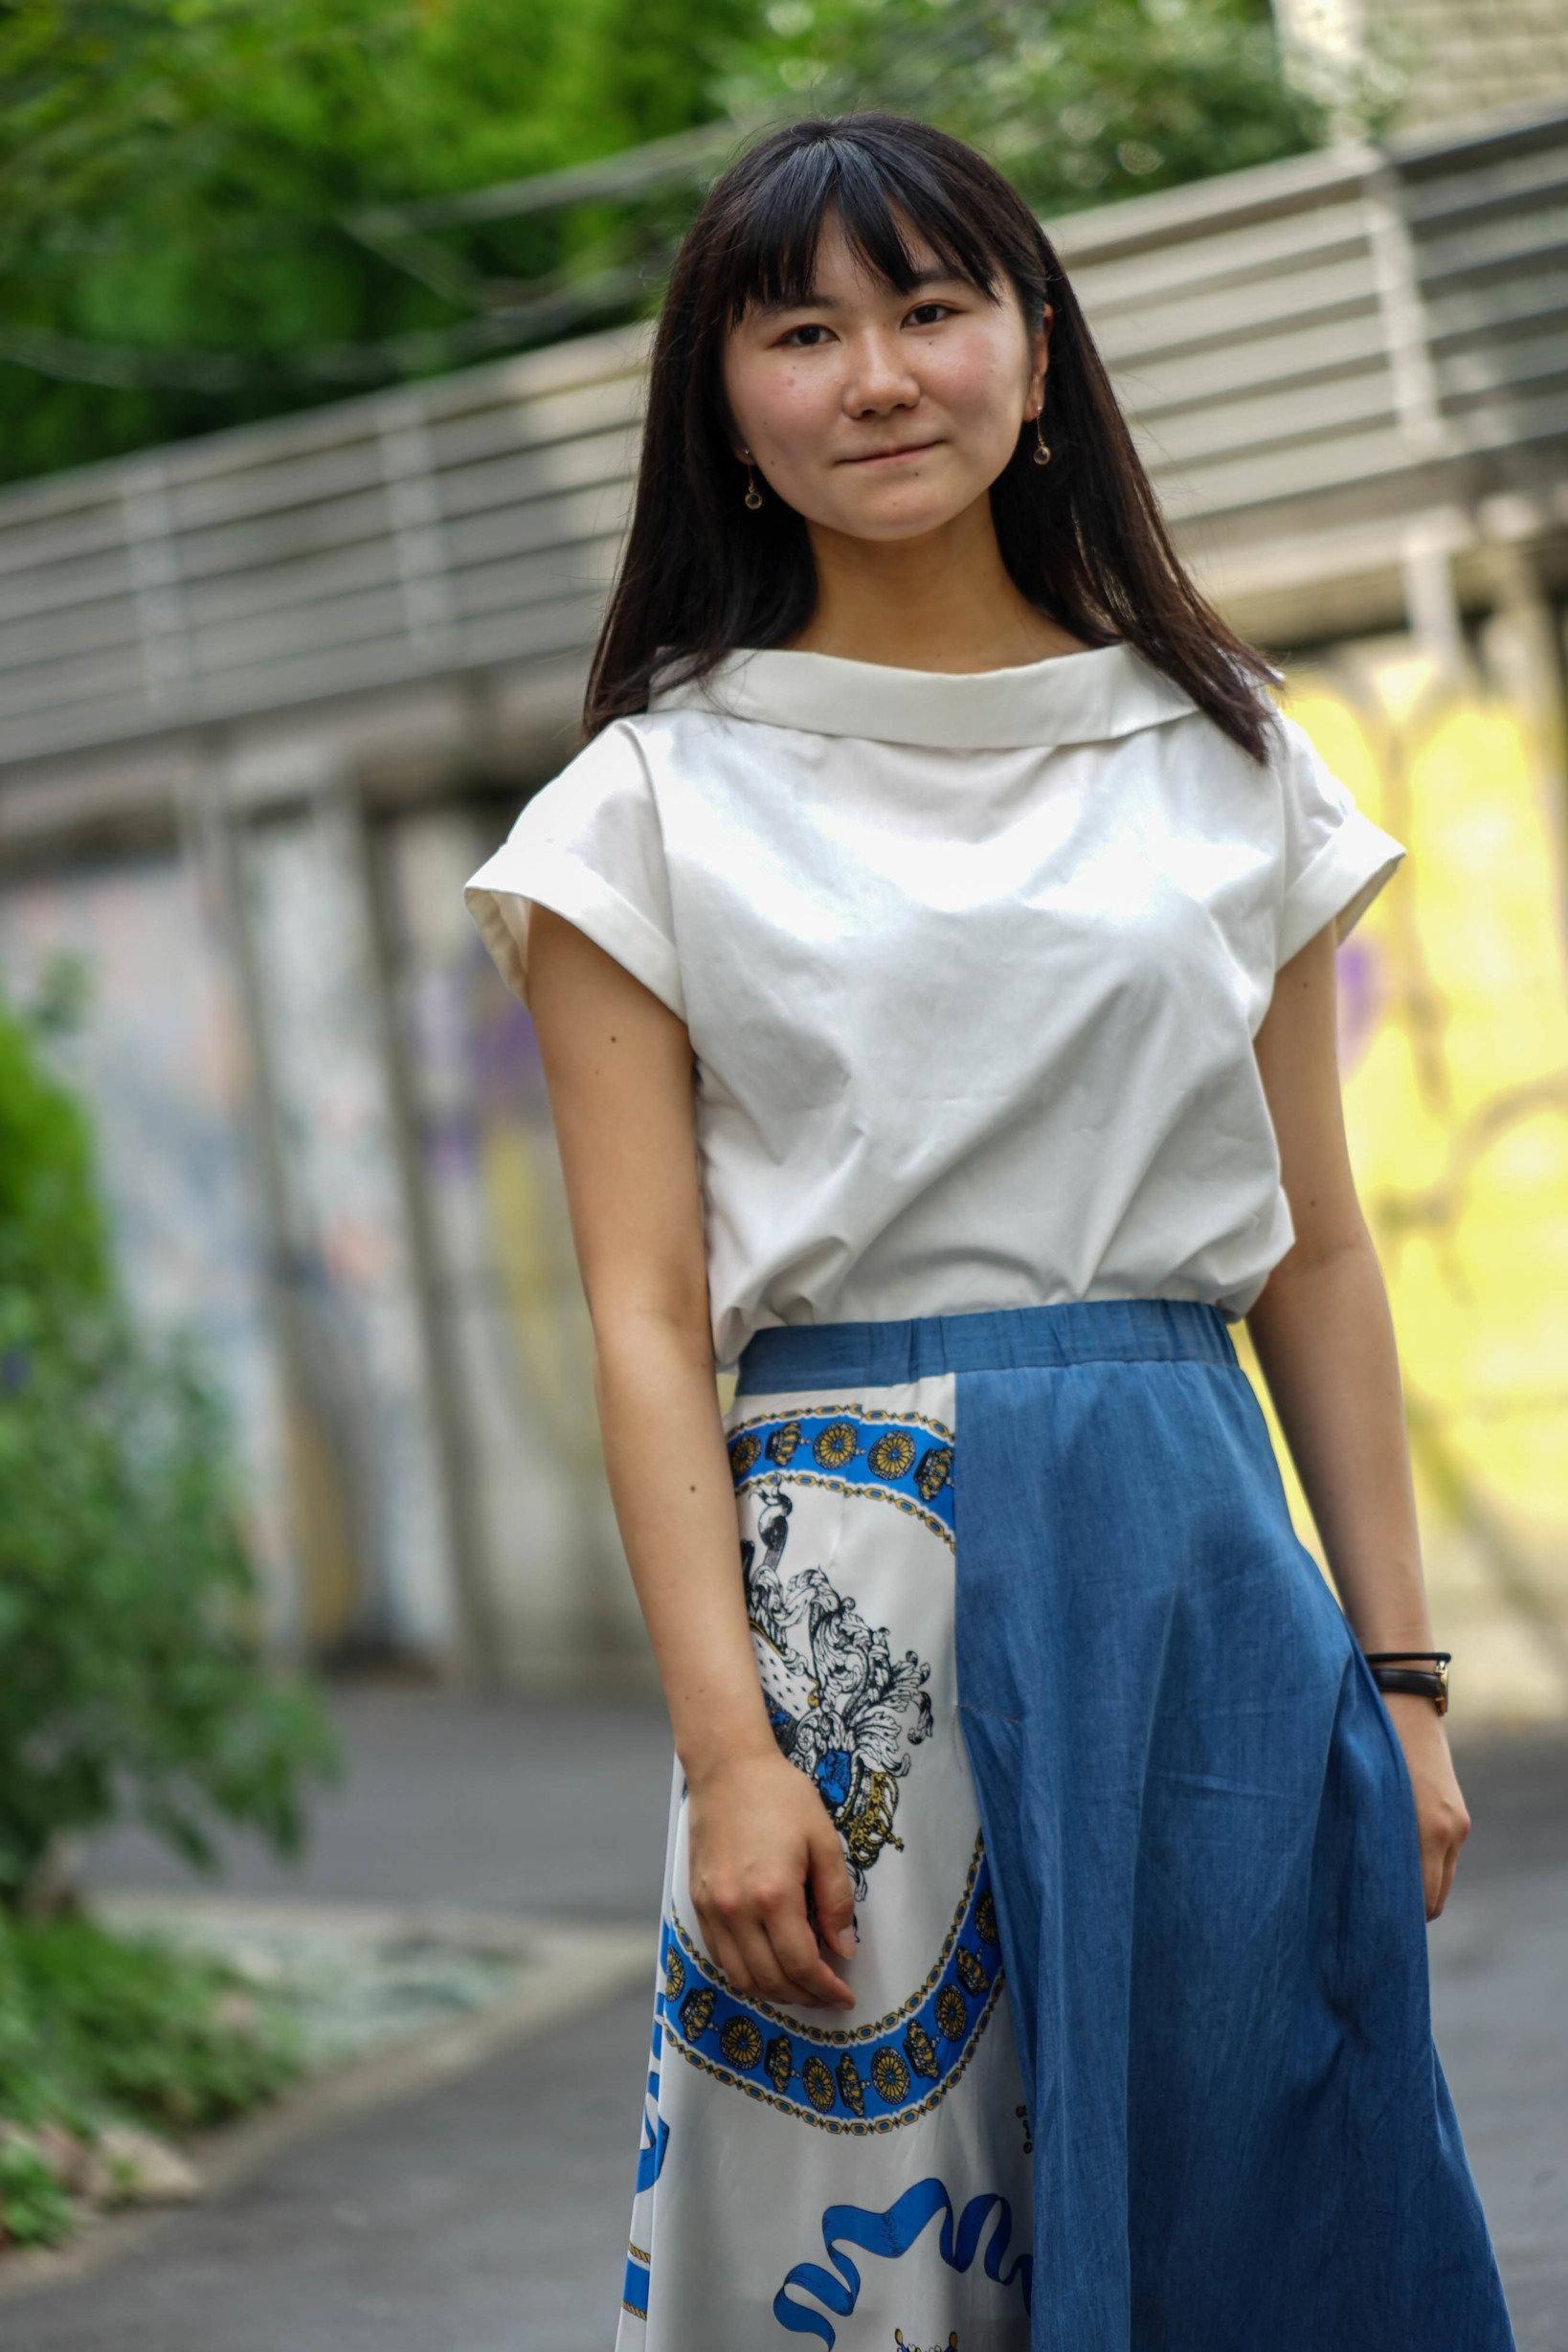 ちなみにこちらが当日の私の服装。裏路地で撮ったらストリートスナップみたいになった。